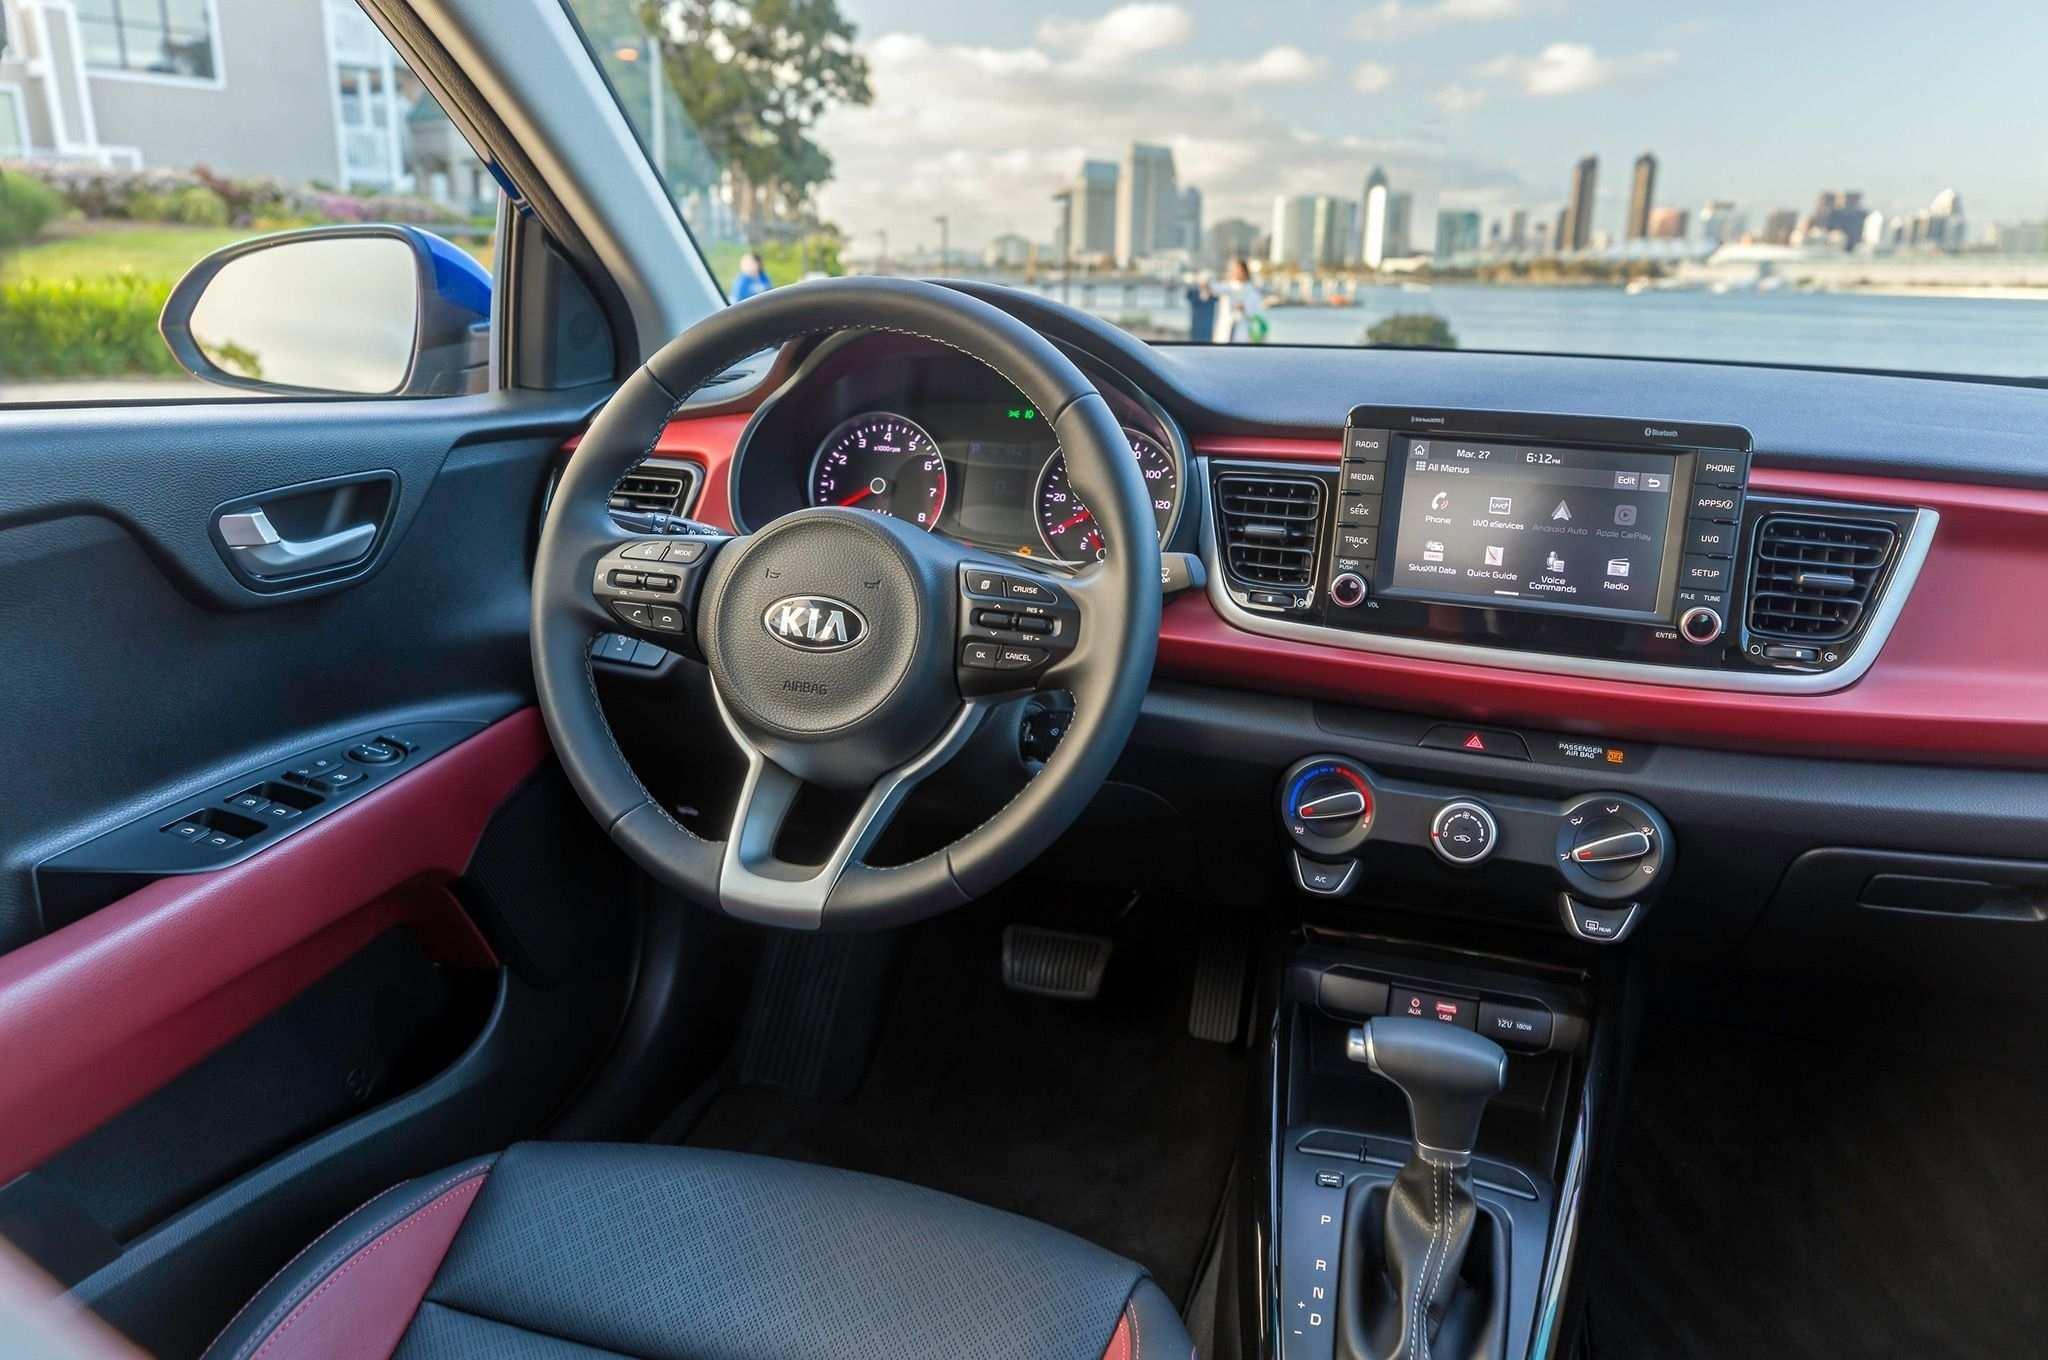 92 Concept of Kia Rio 2019 Interior Price and Review with Kia Rio 2019 Interior